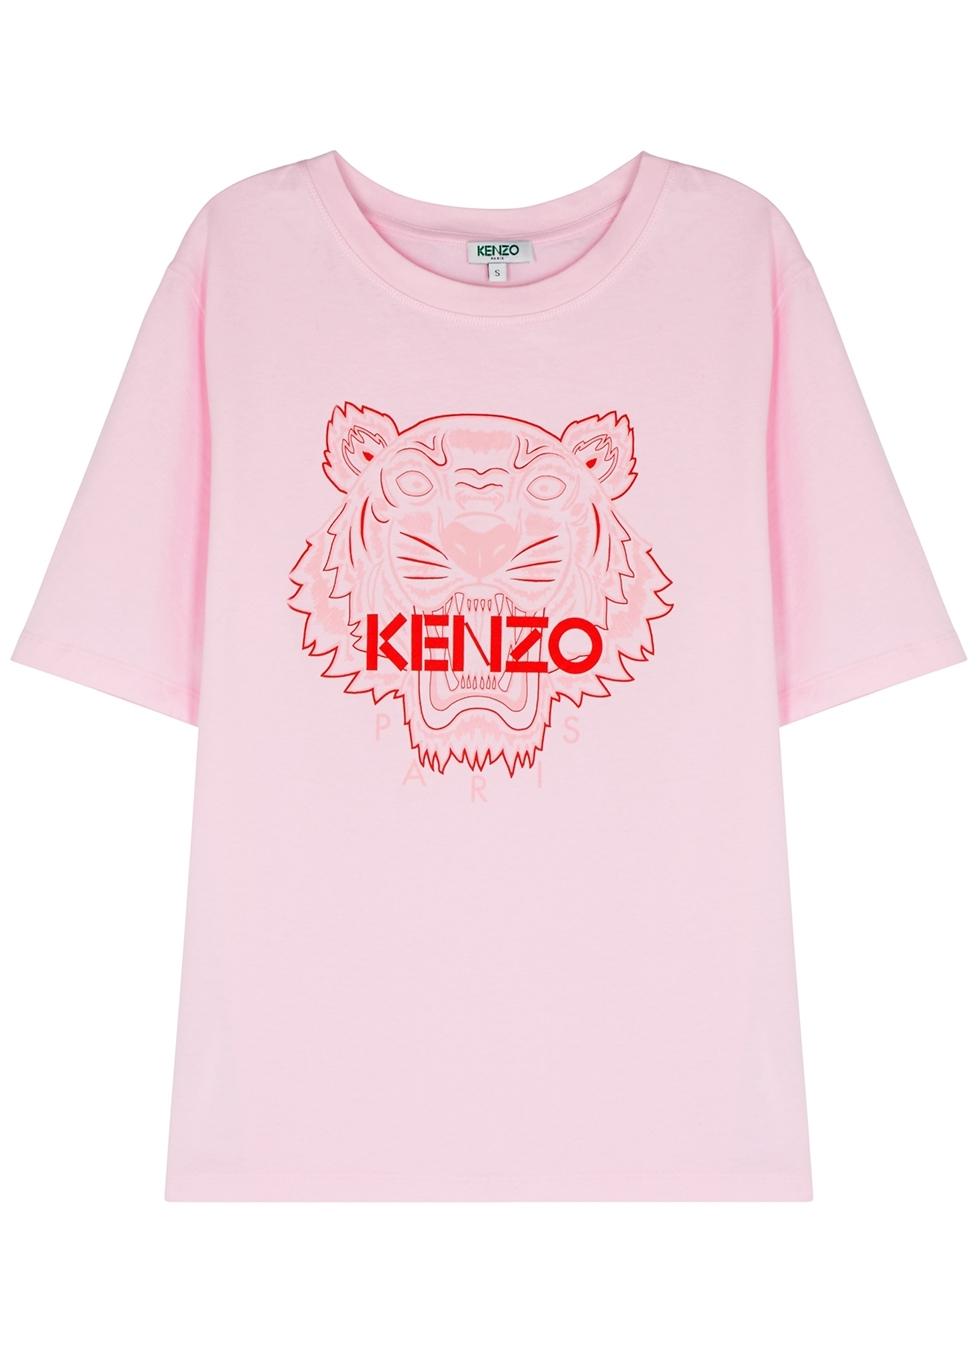 a5ce341f26c4 Women s Designer T-Shirts - Cotton